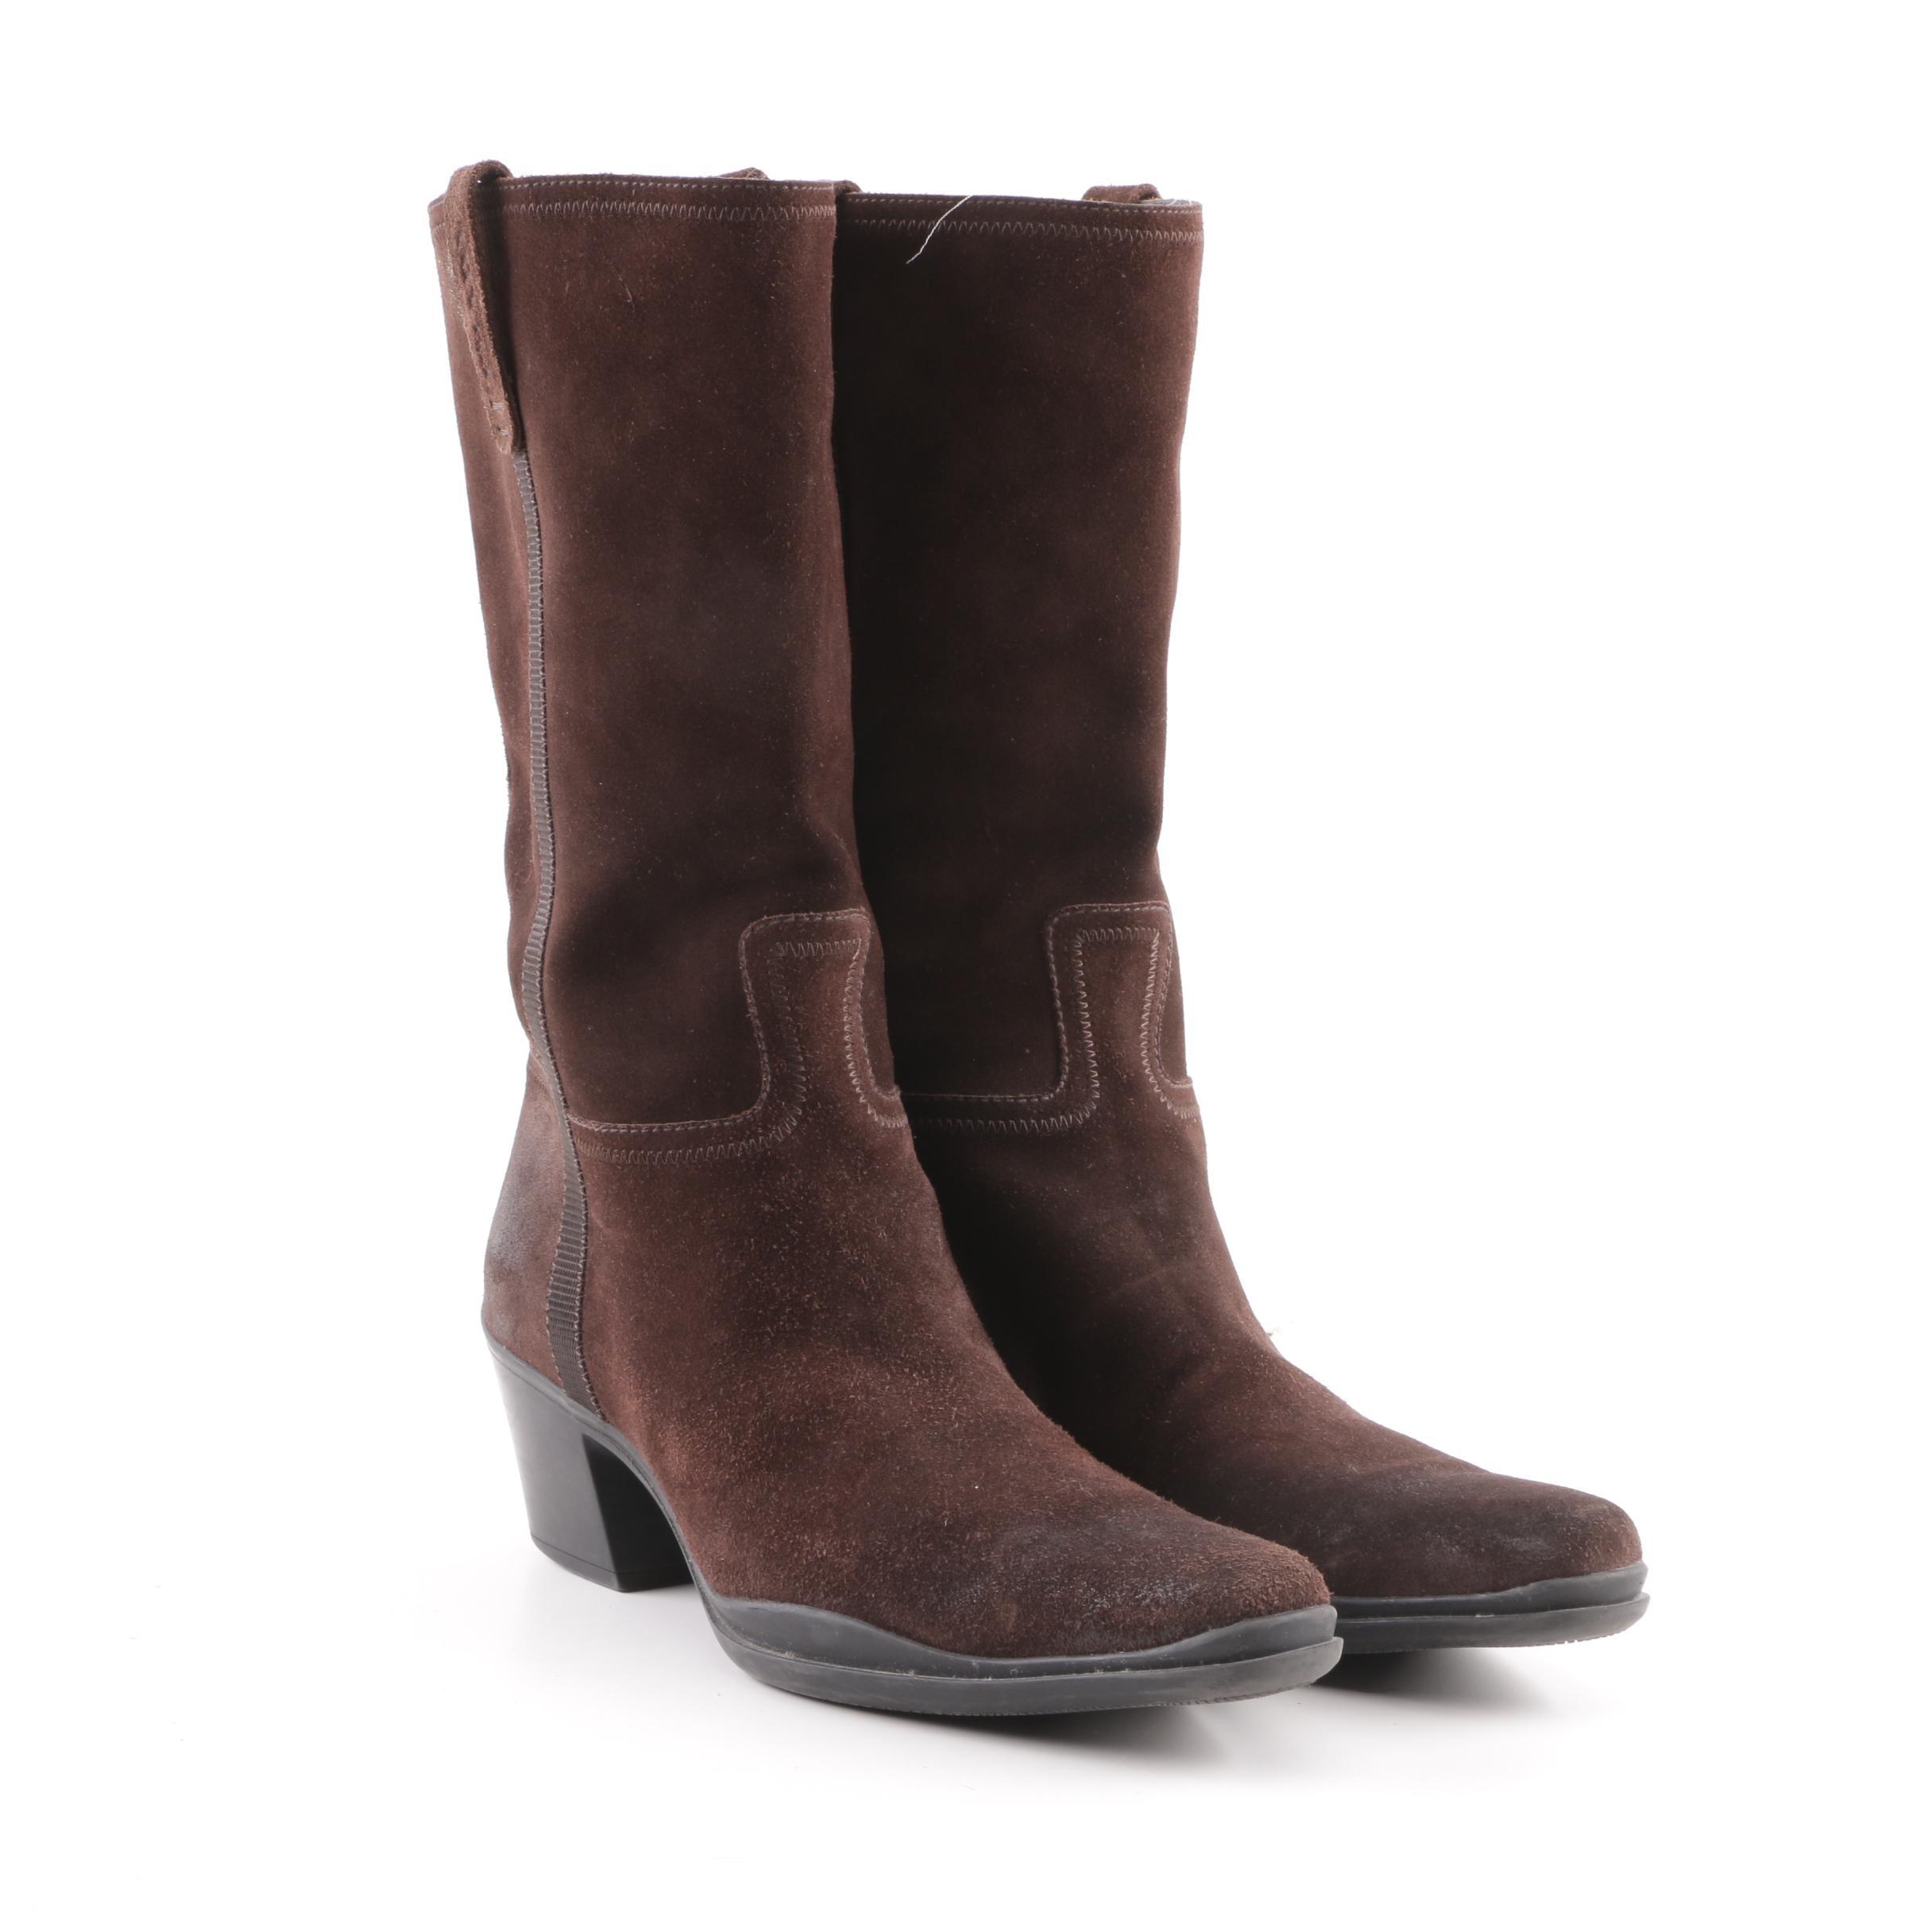 Women's Prada Brown Suede Boots